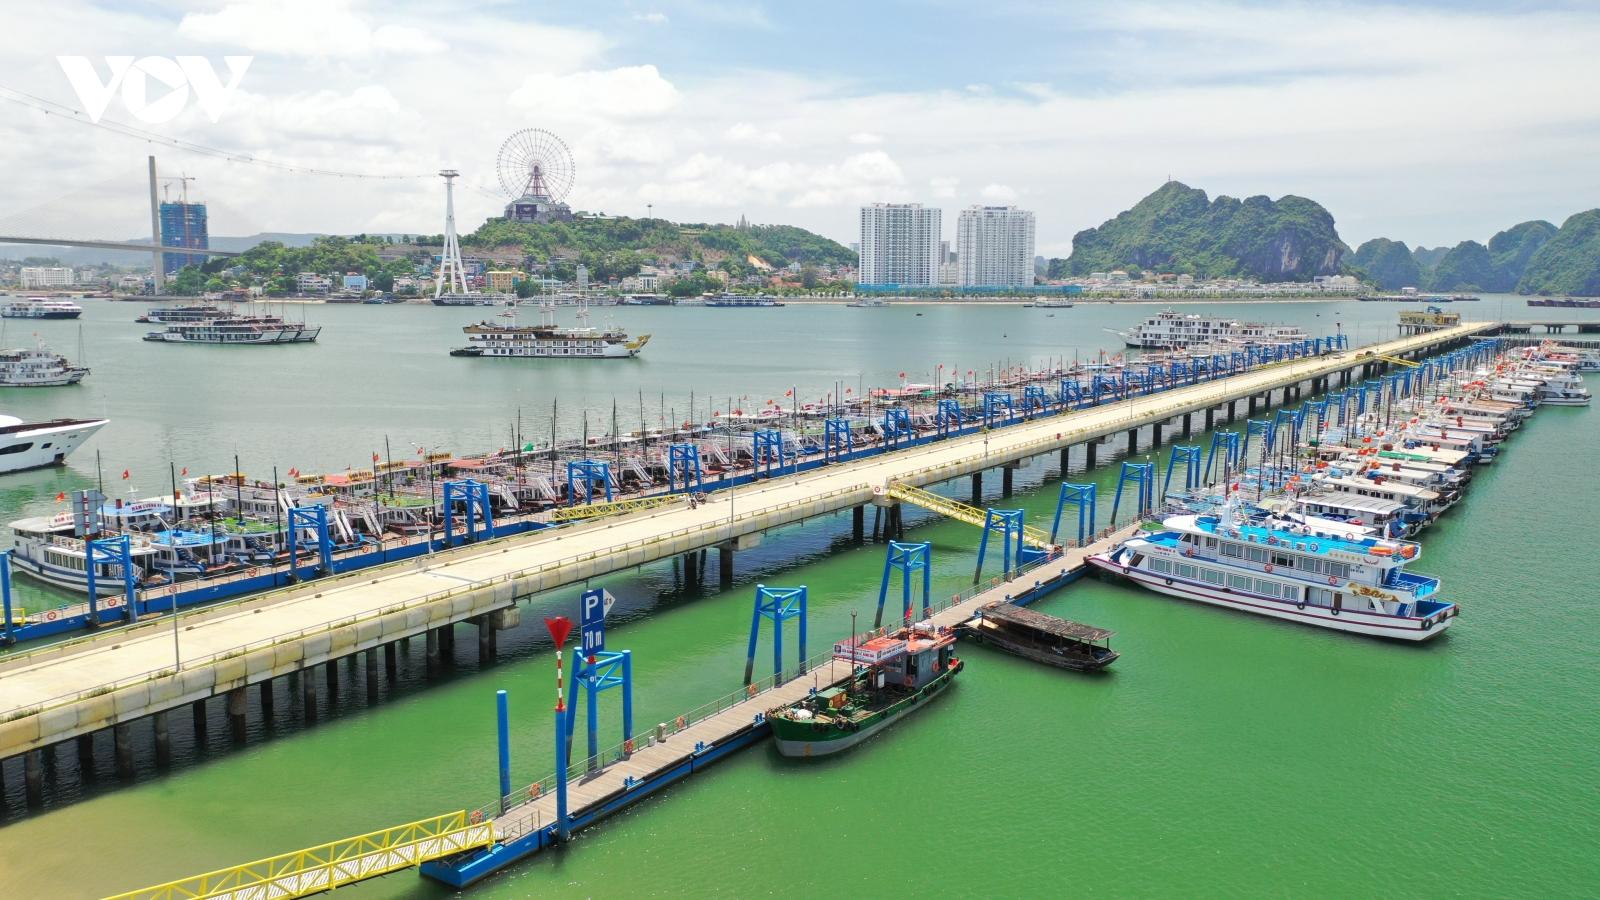 """Đội tàu du lịch Quảng Ninh """"ngắc ngoải"""" chờ chính sách giải cứu"""